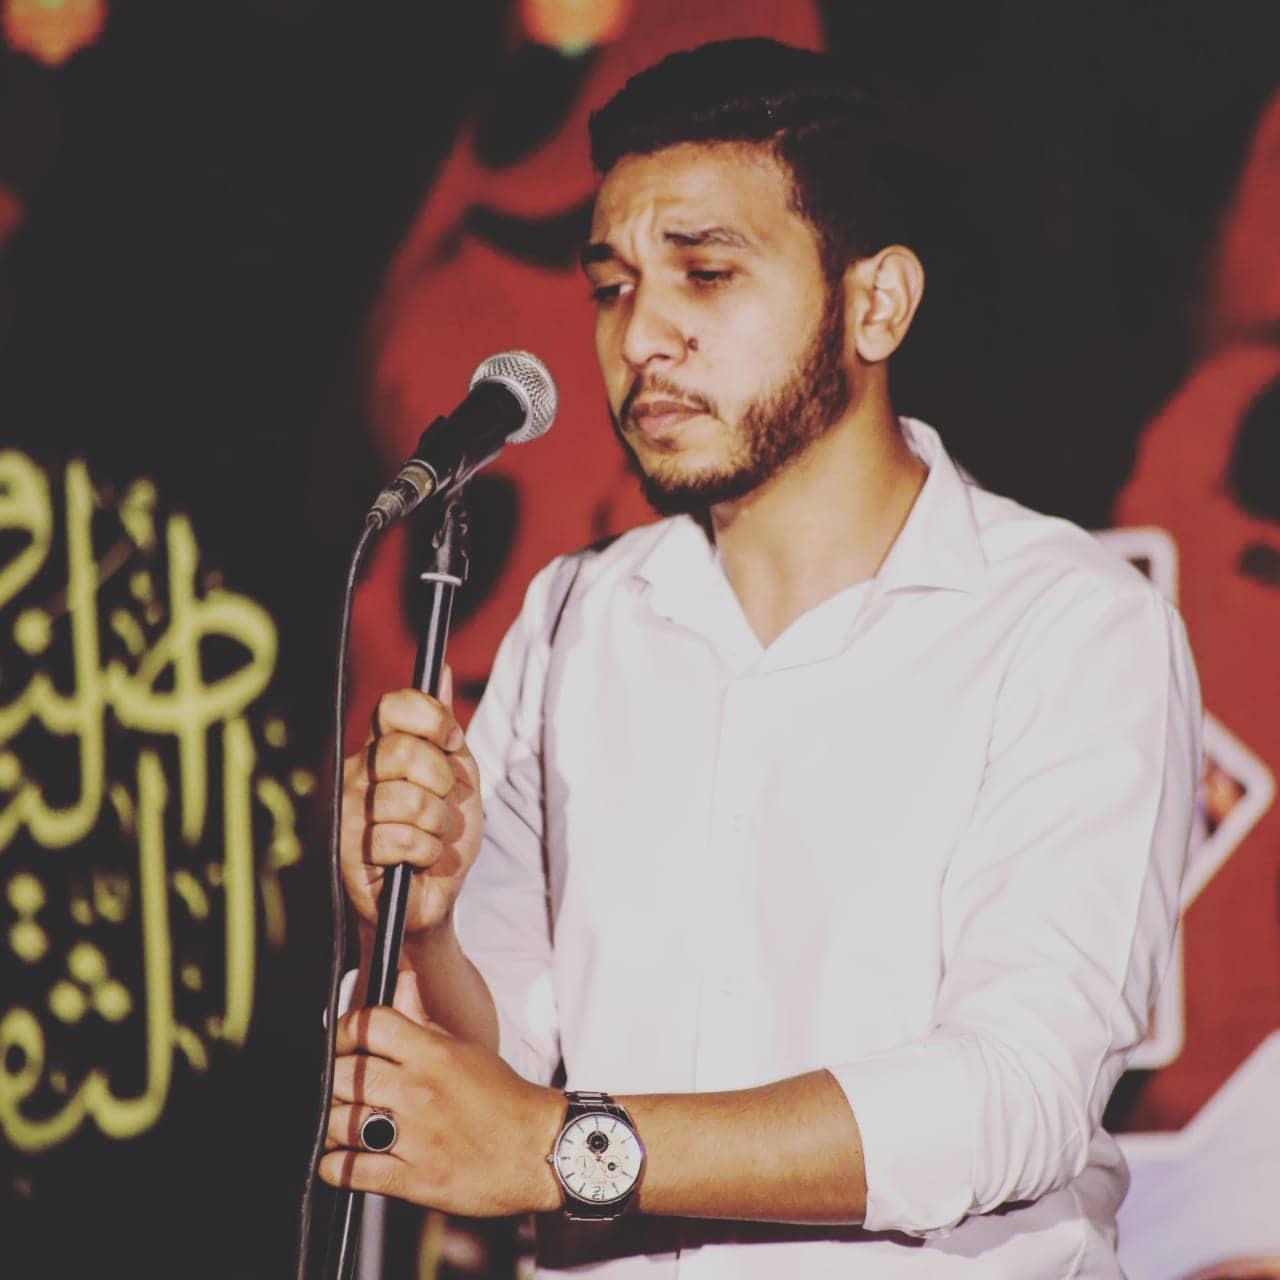 يتمنى مينا عاطف تقديم عمل يجمع بين الابتهالات الإسلامية والترانيم الكنسية (إندبندنت عربية)